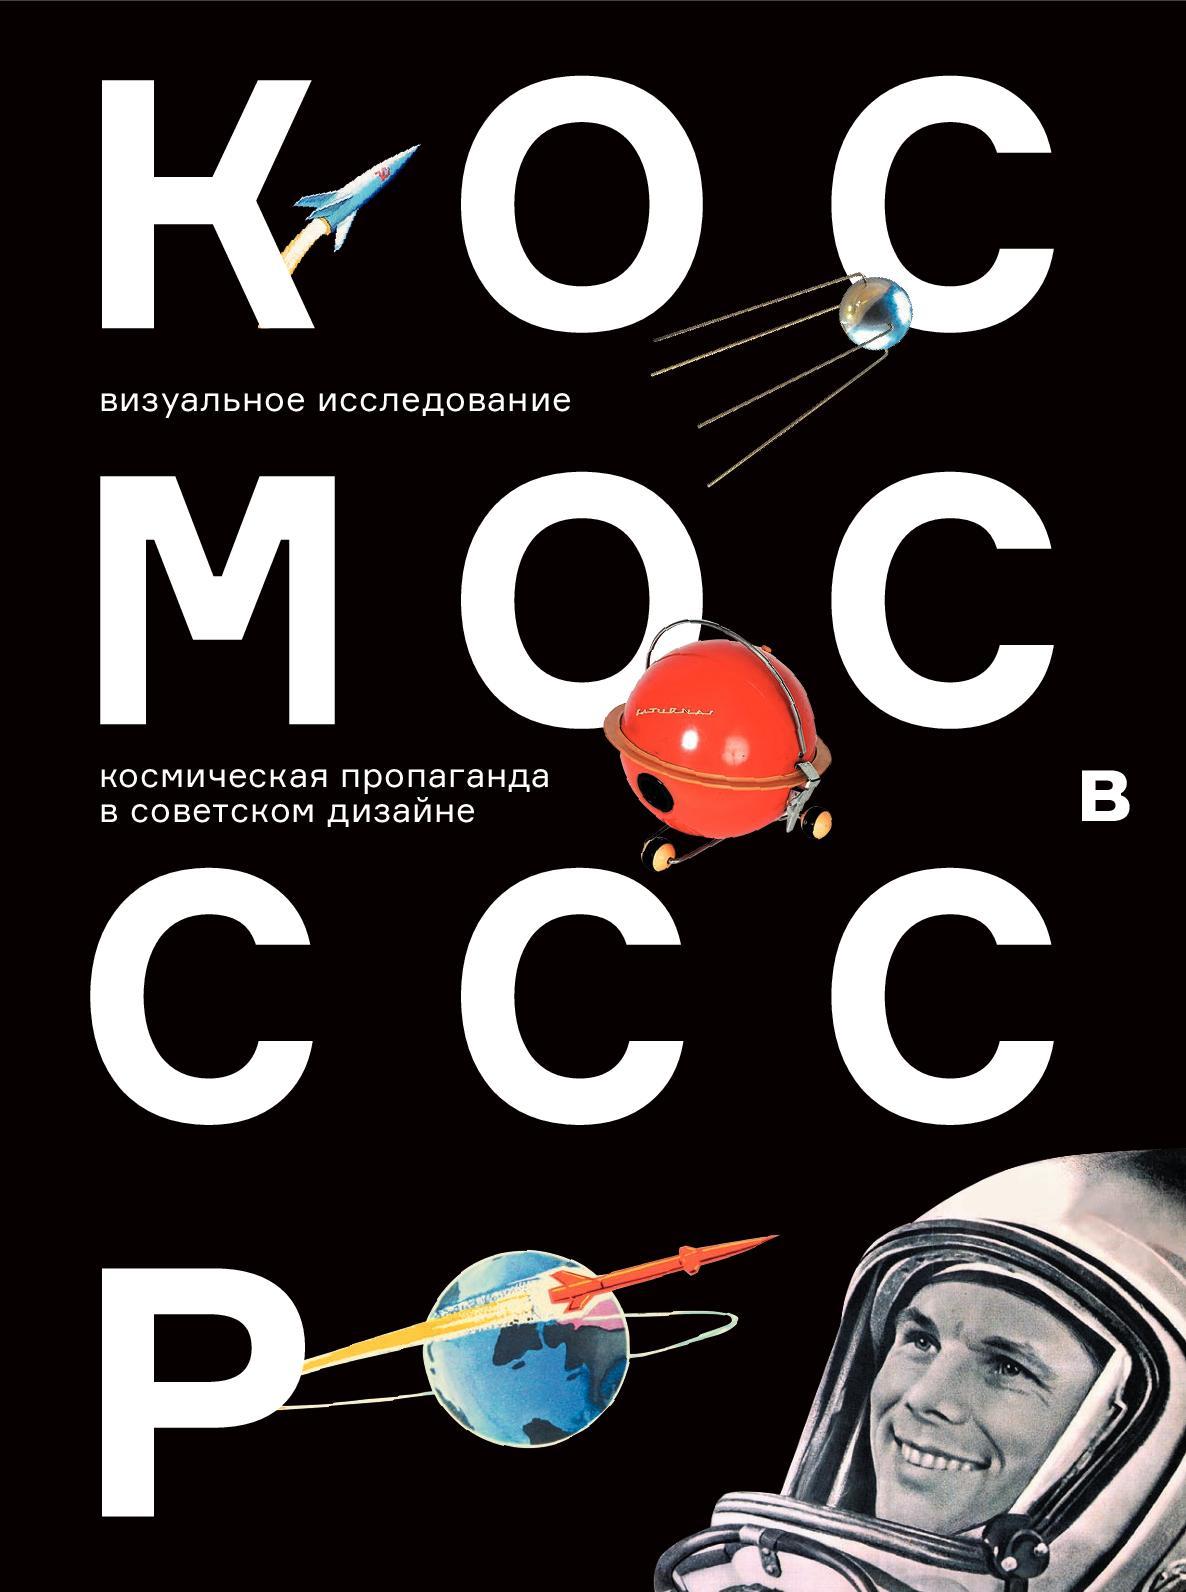 Космическая пропаганда в советском дизайне